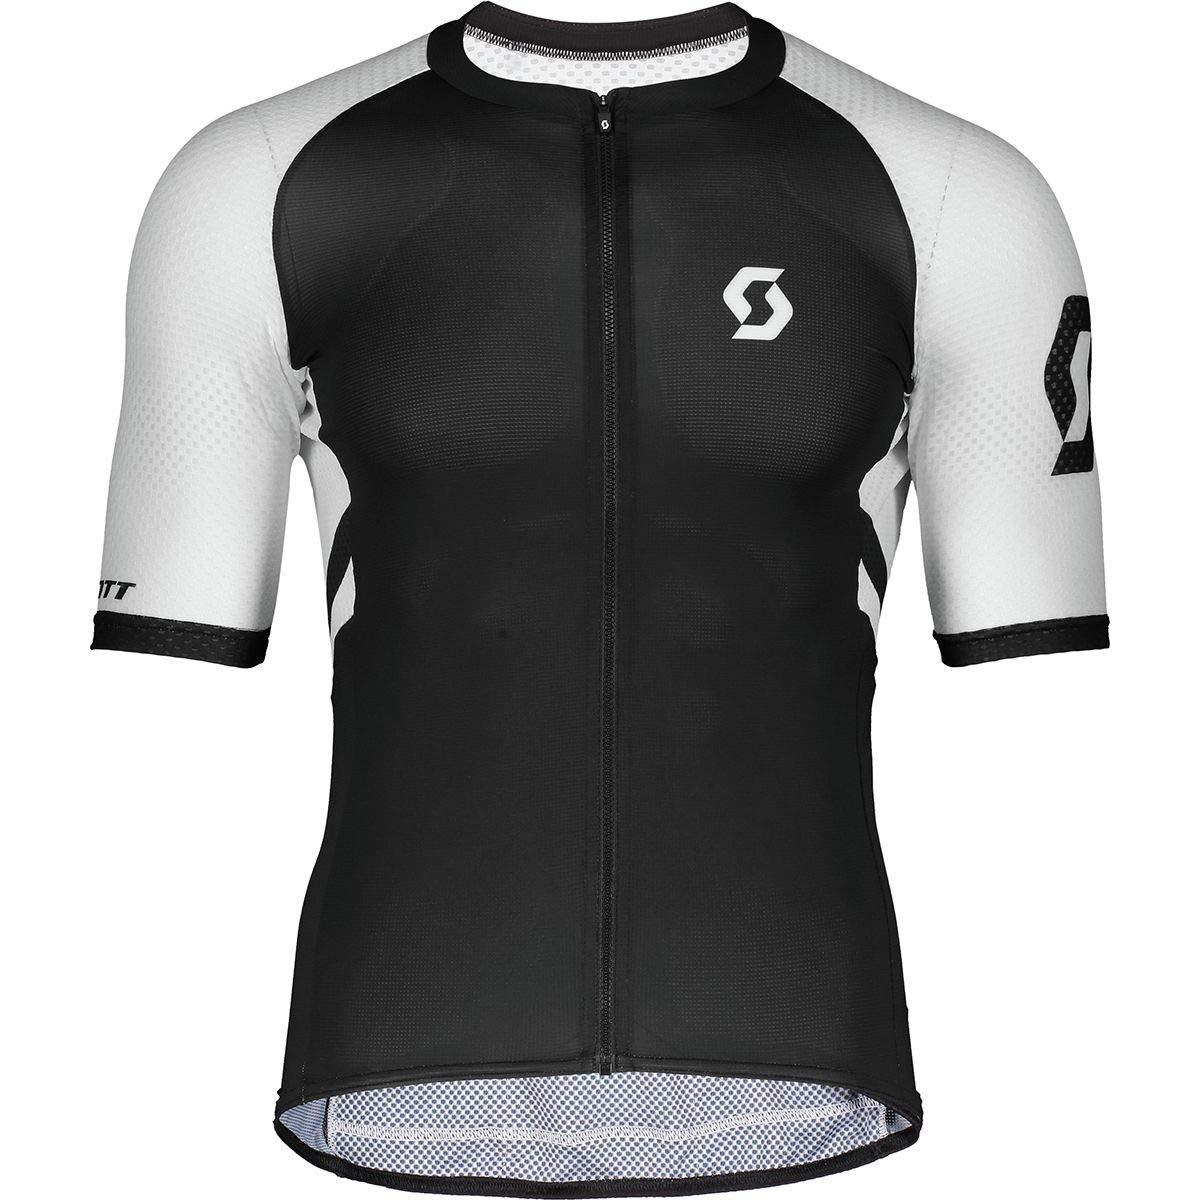 Scott RC プレミアムクライマー半袖シャツ メンズ Medium ブラック/ホワイト B07QS8375Z